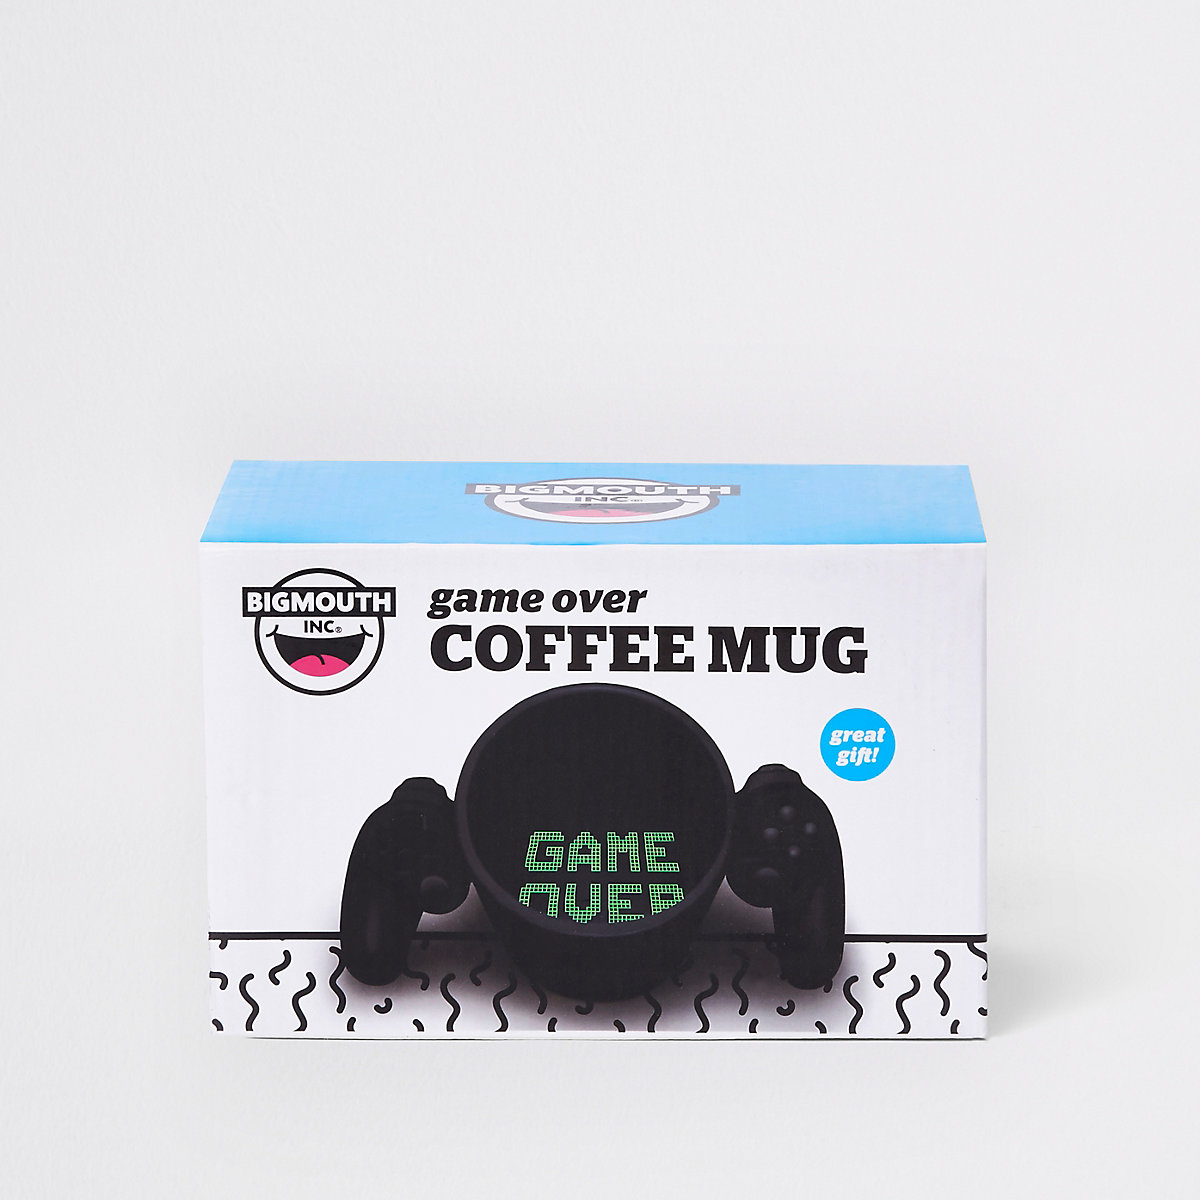 Black 'game over' coffee mug